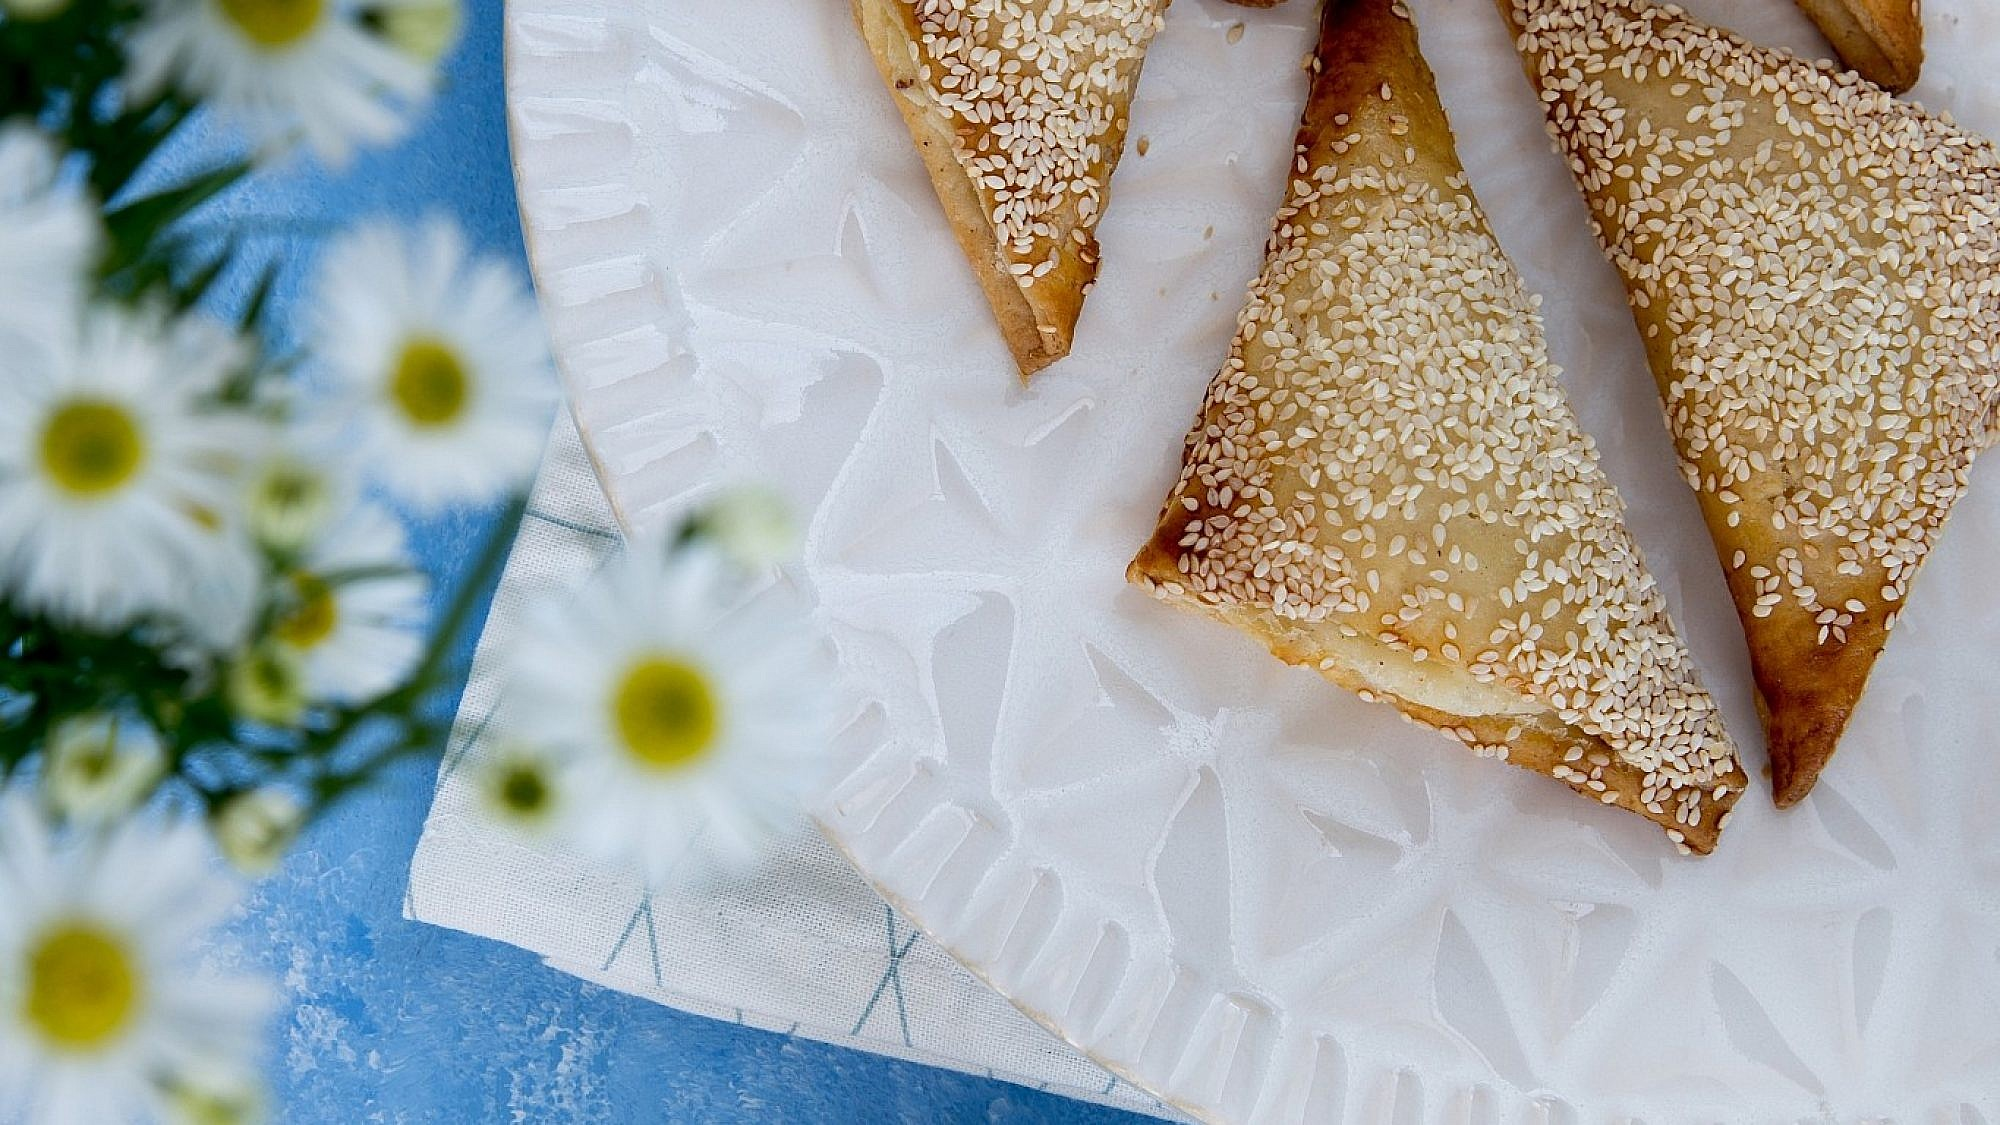 בורקס במילוי גבינה ופלפלים קלויים ללא גלוטן של שף־פטיסרי עופר גל. צילום וסטיילינג: טל סיון־צפורין